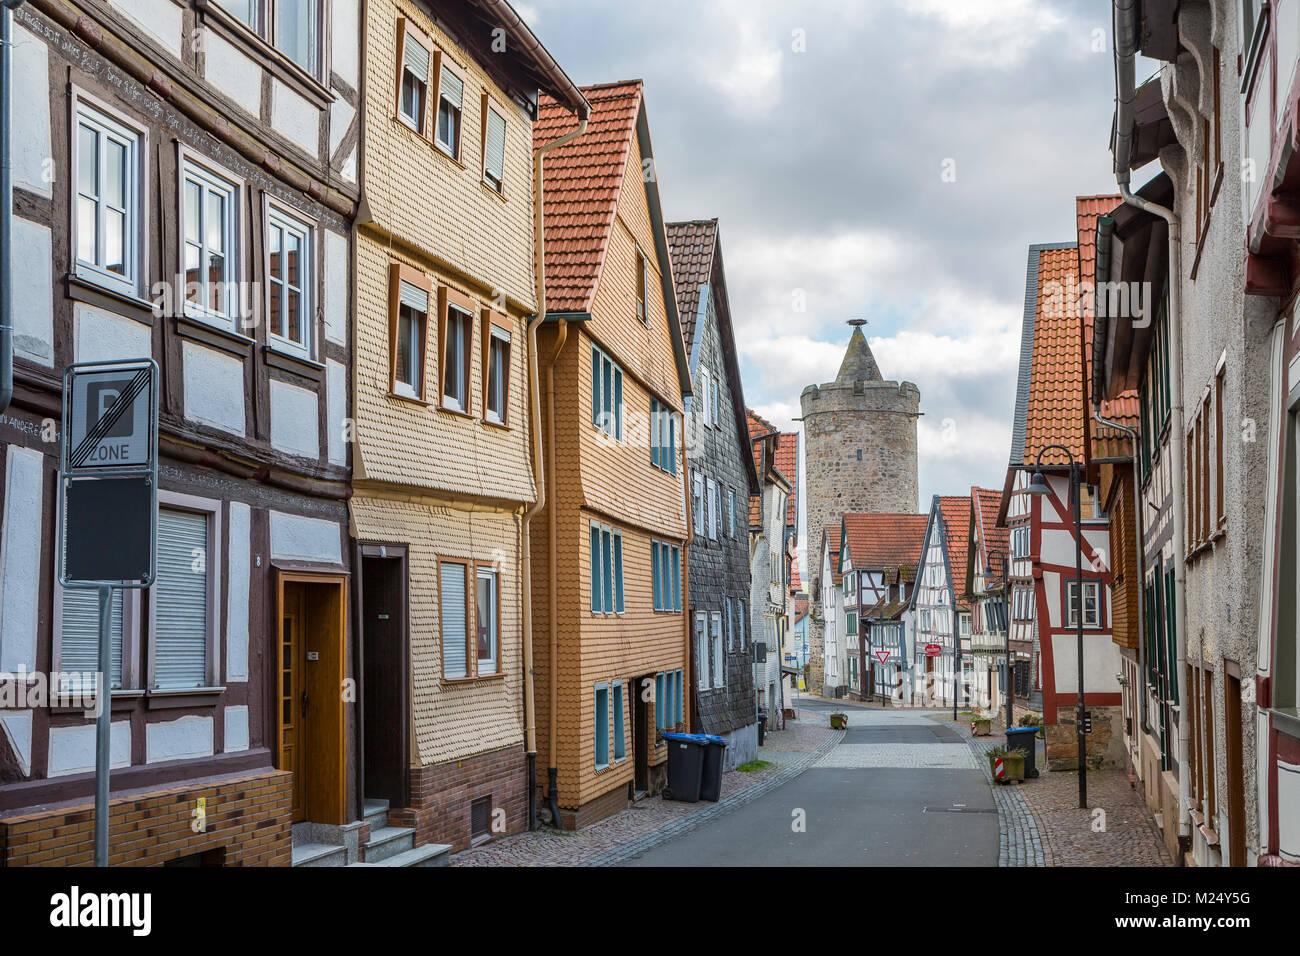 Alsfeld Deutschland Fachwerkhäusern Und Leonhards Turm In Der